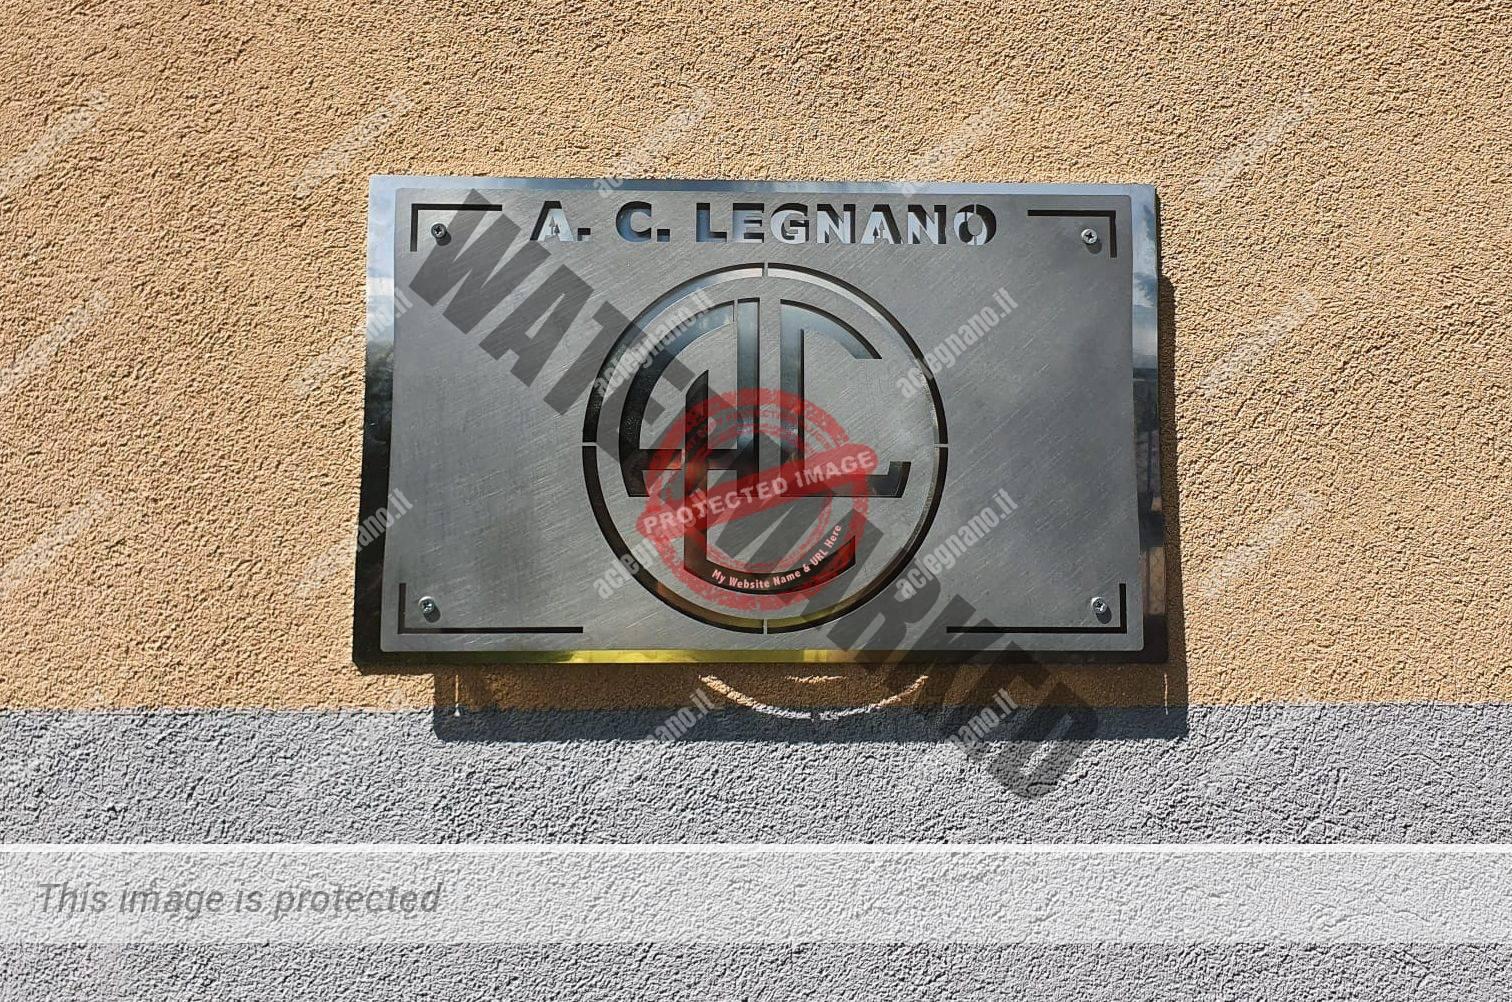 Una nuova targa per l'AC Legnano